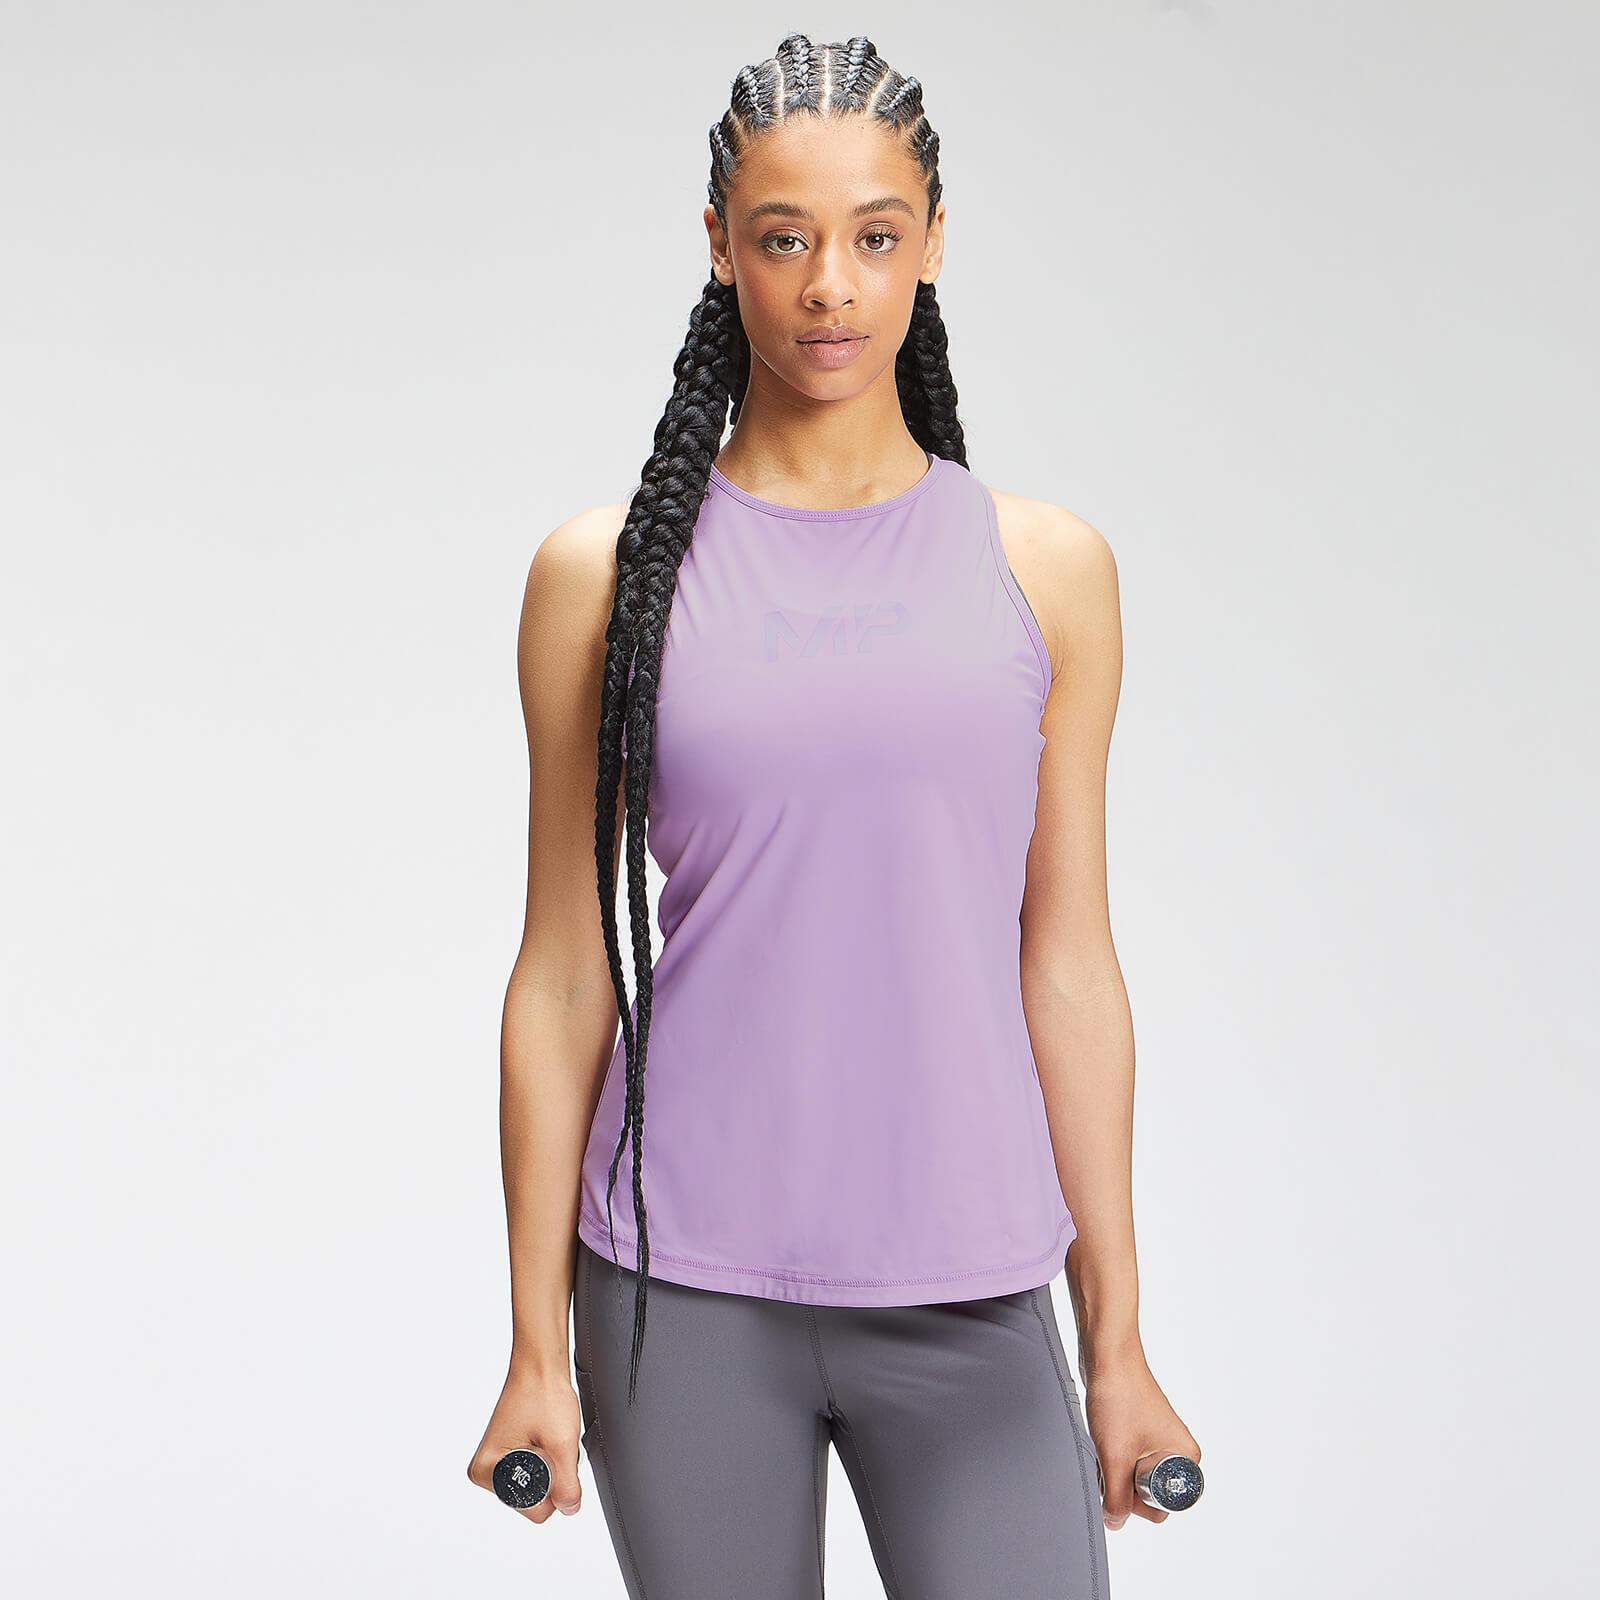 MP Women's Tempo Vest - Powder Purple - XS, Myprotein International  - купить со скидкой